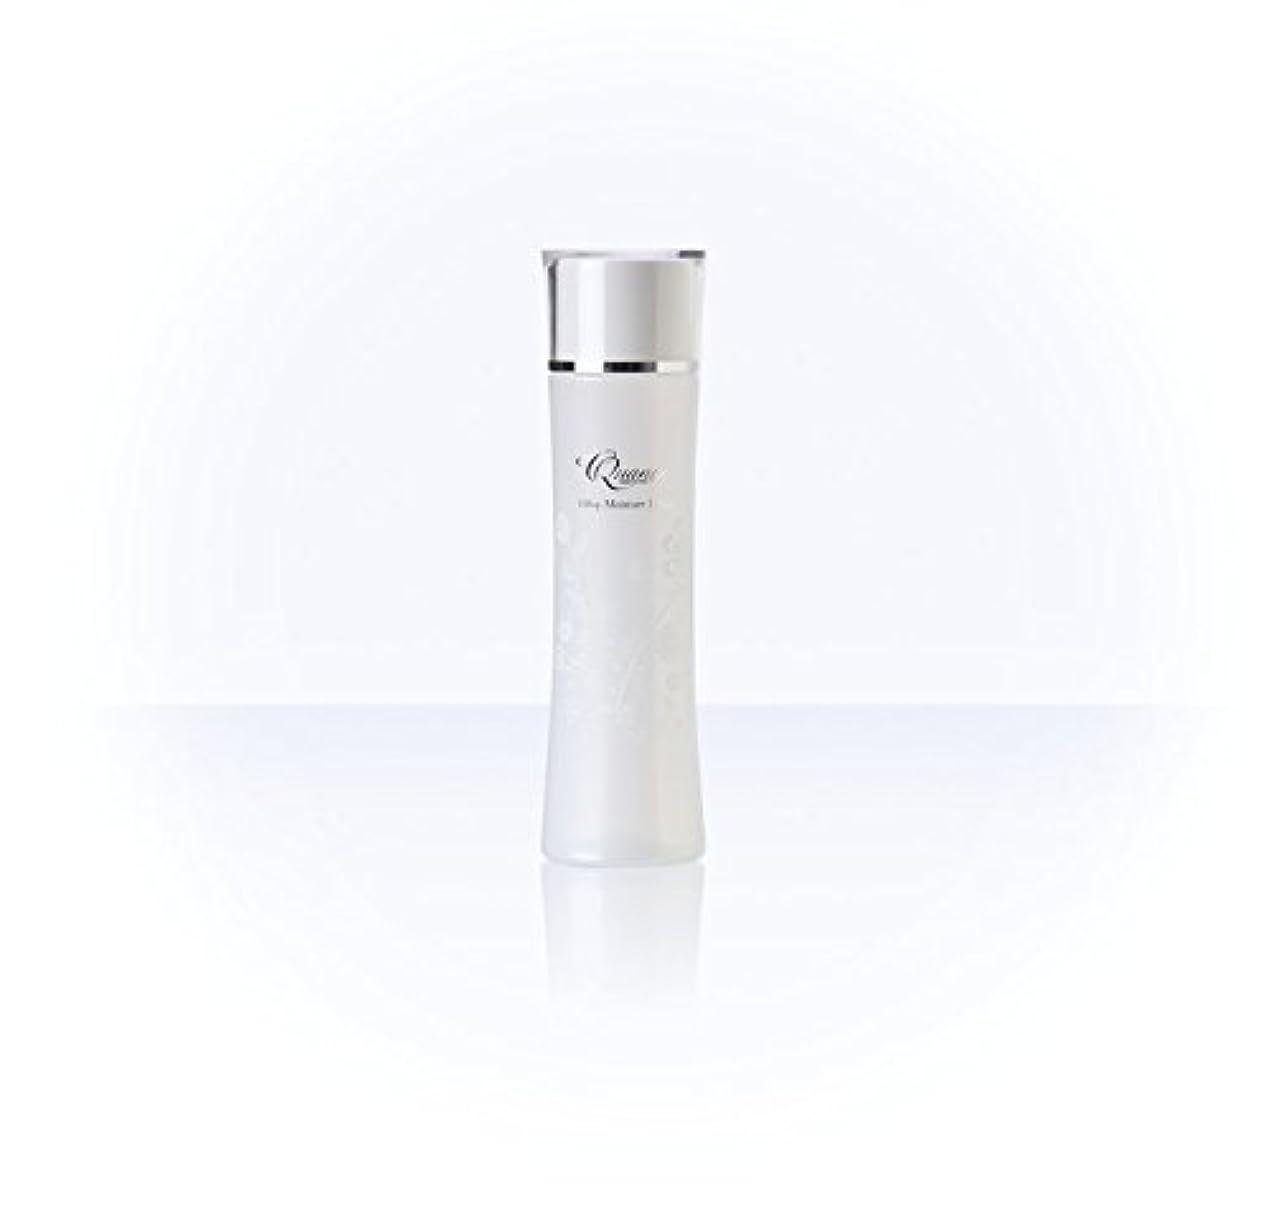 深遠ニュース物理的なQuanis (クオニス) フィルアップ モイスチュアローション [化粧水] スキンケア ローション 美容液 (保湿 乾燥) 150ml